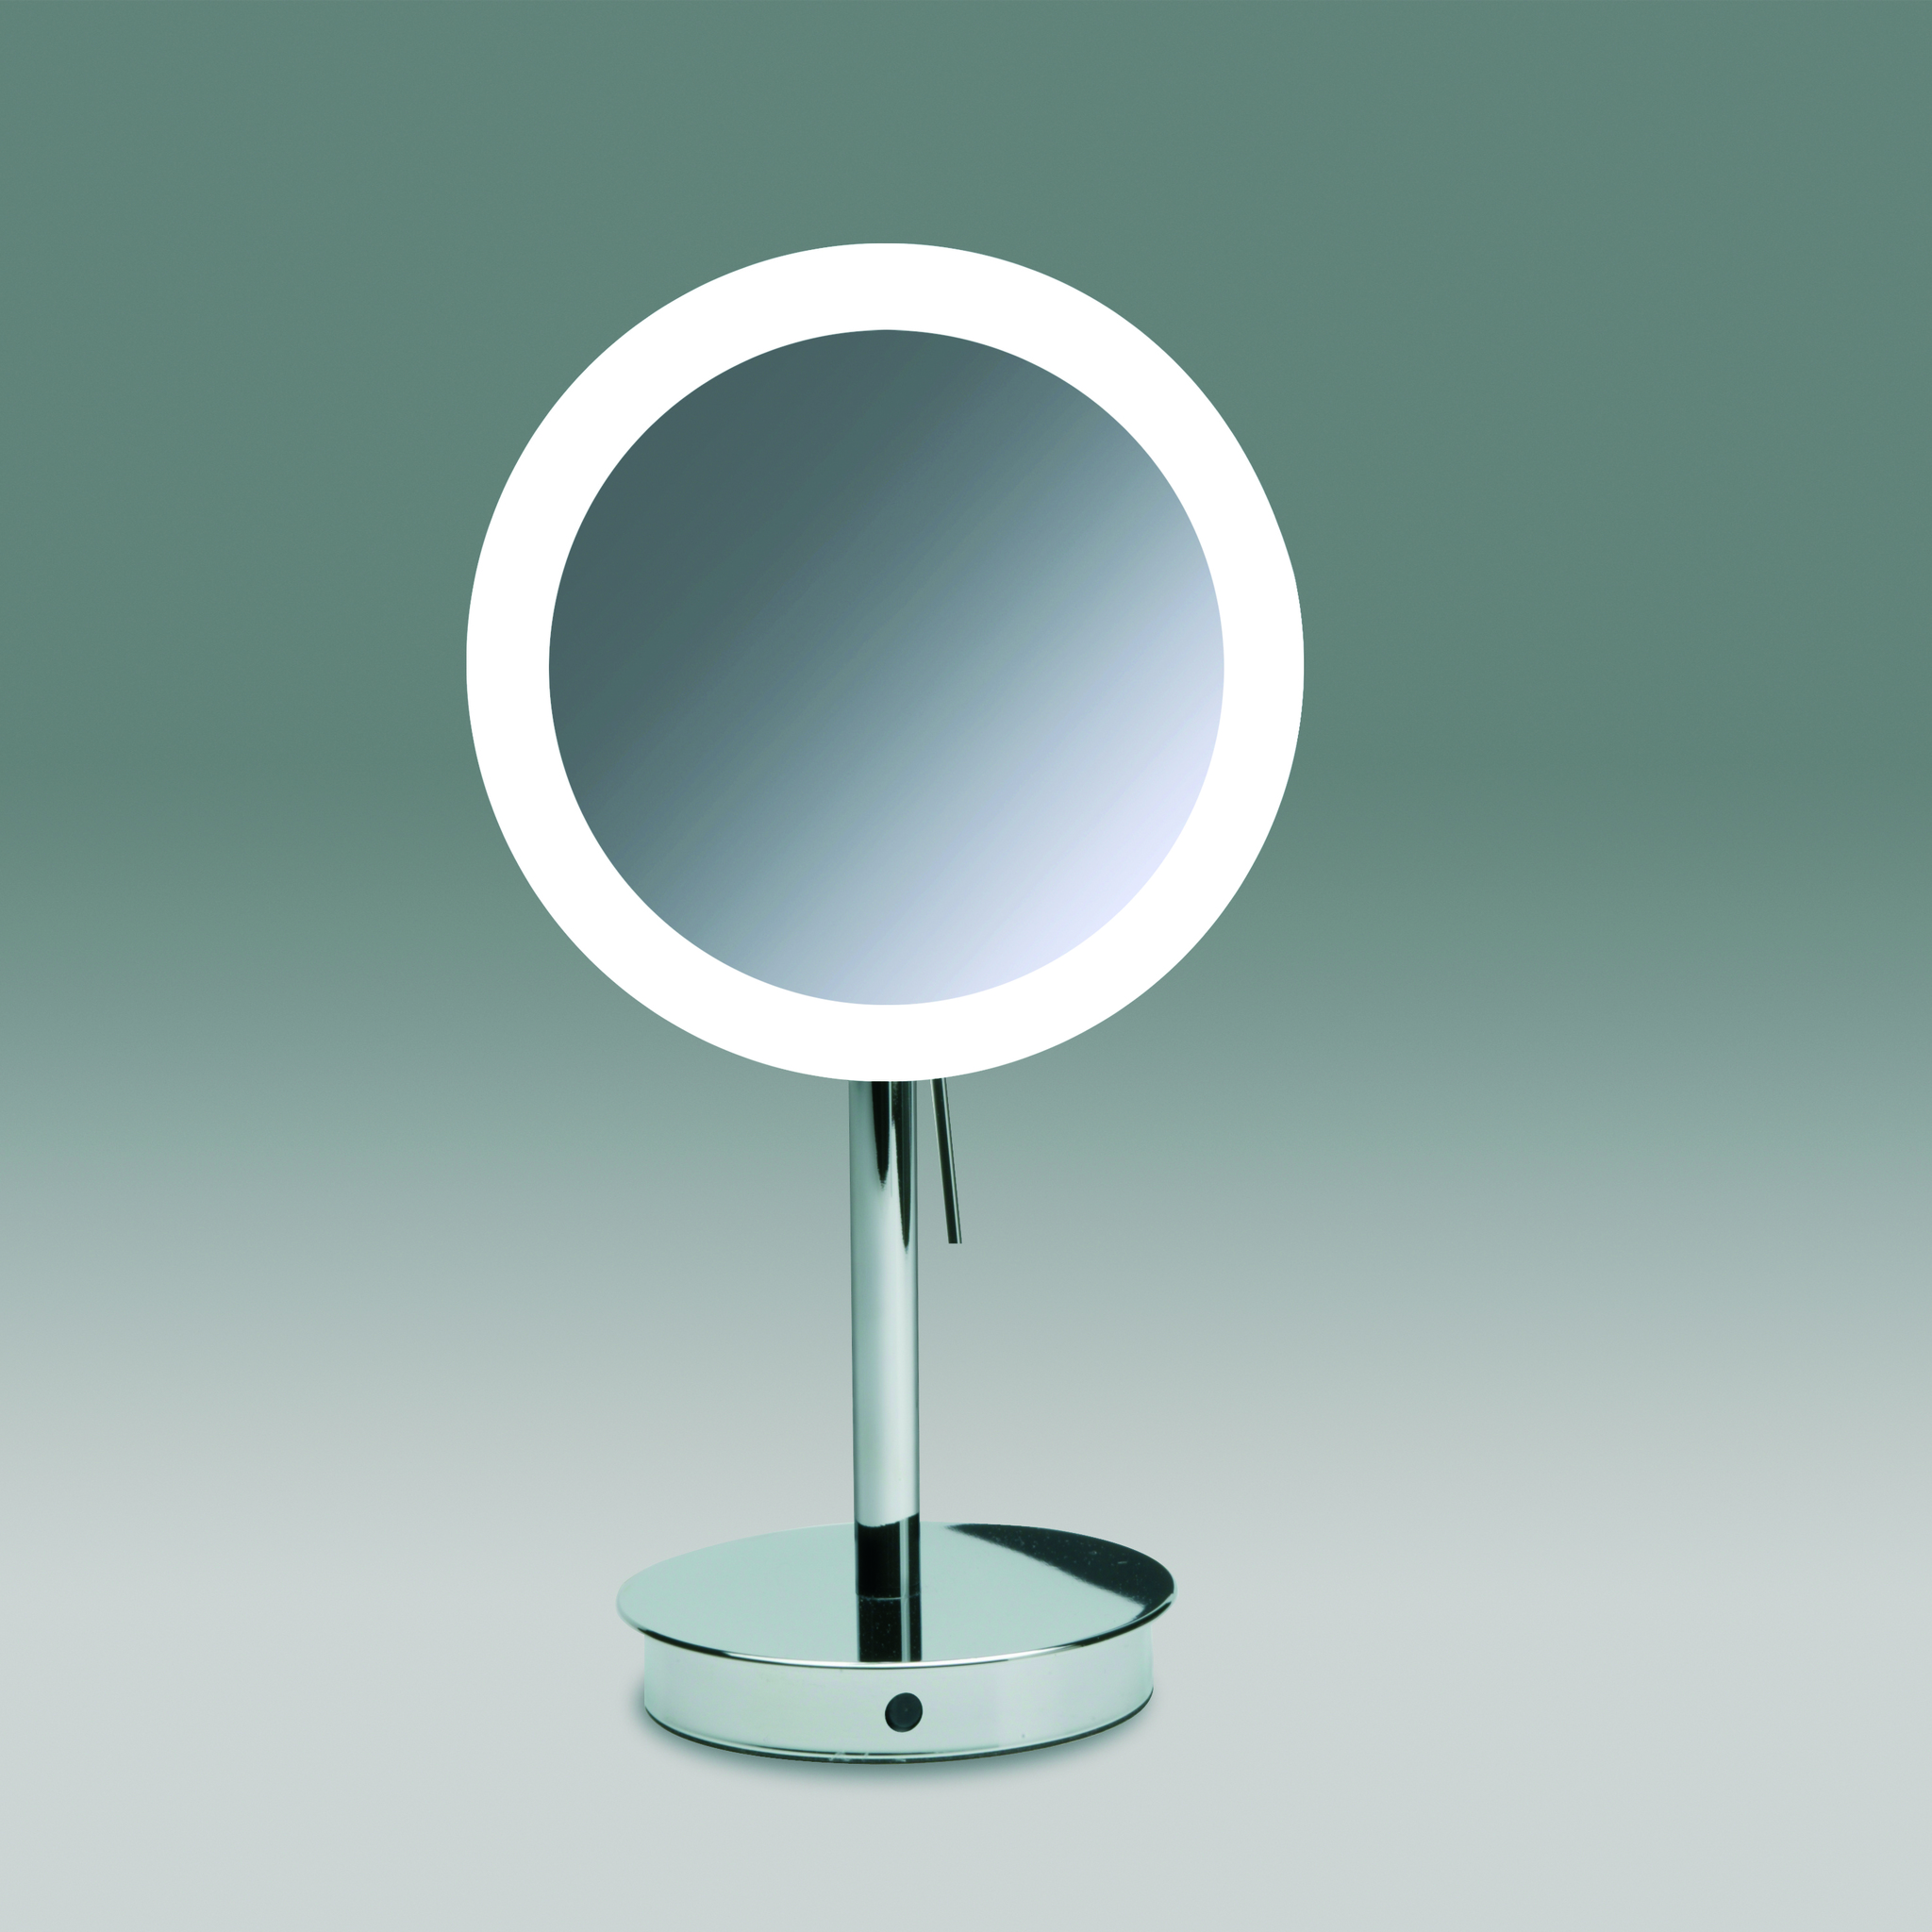 Зеркала Зеркало косметическое Windisch 99856CR 5X elitnoe-zerkalo-kosmeticheskoe-99856-ot-windisch-ispaniya.jpg